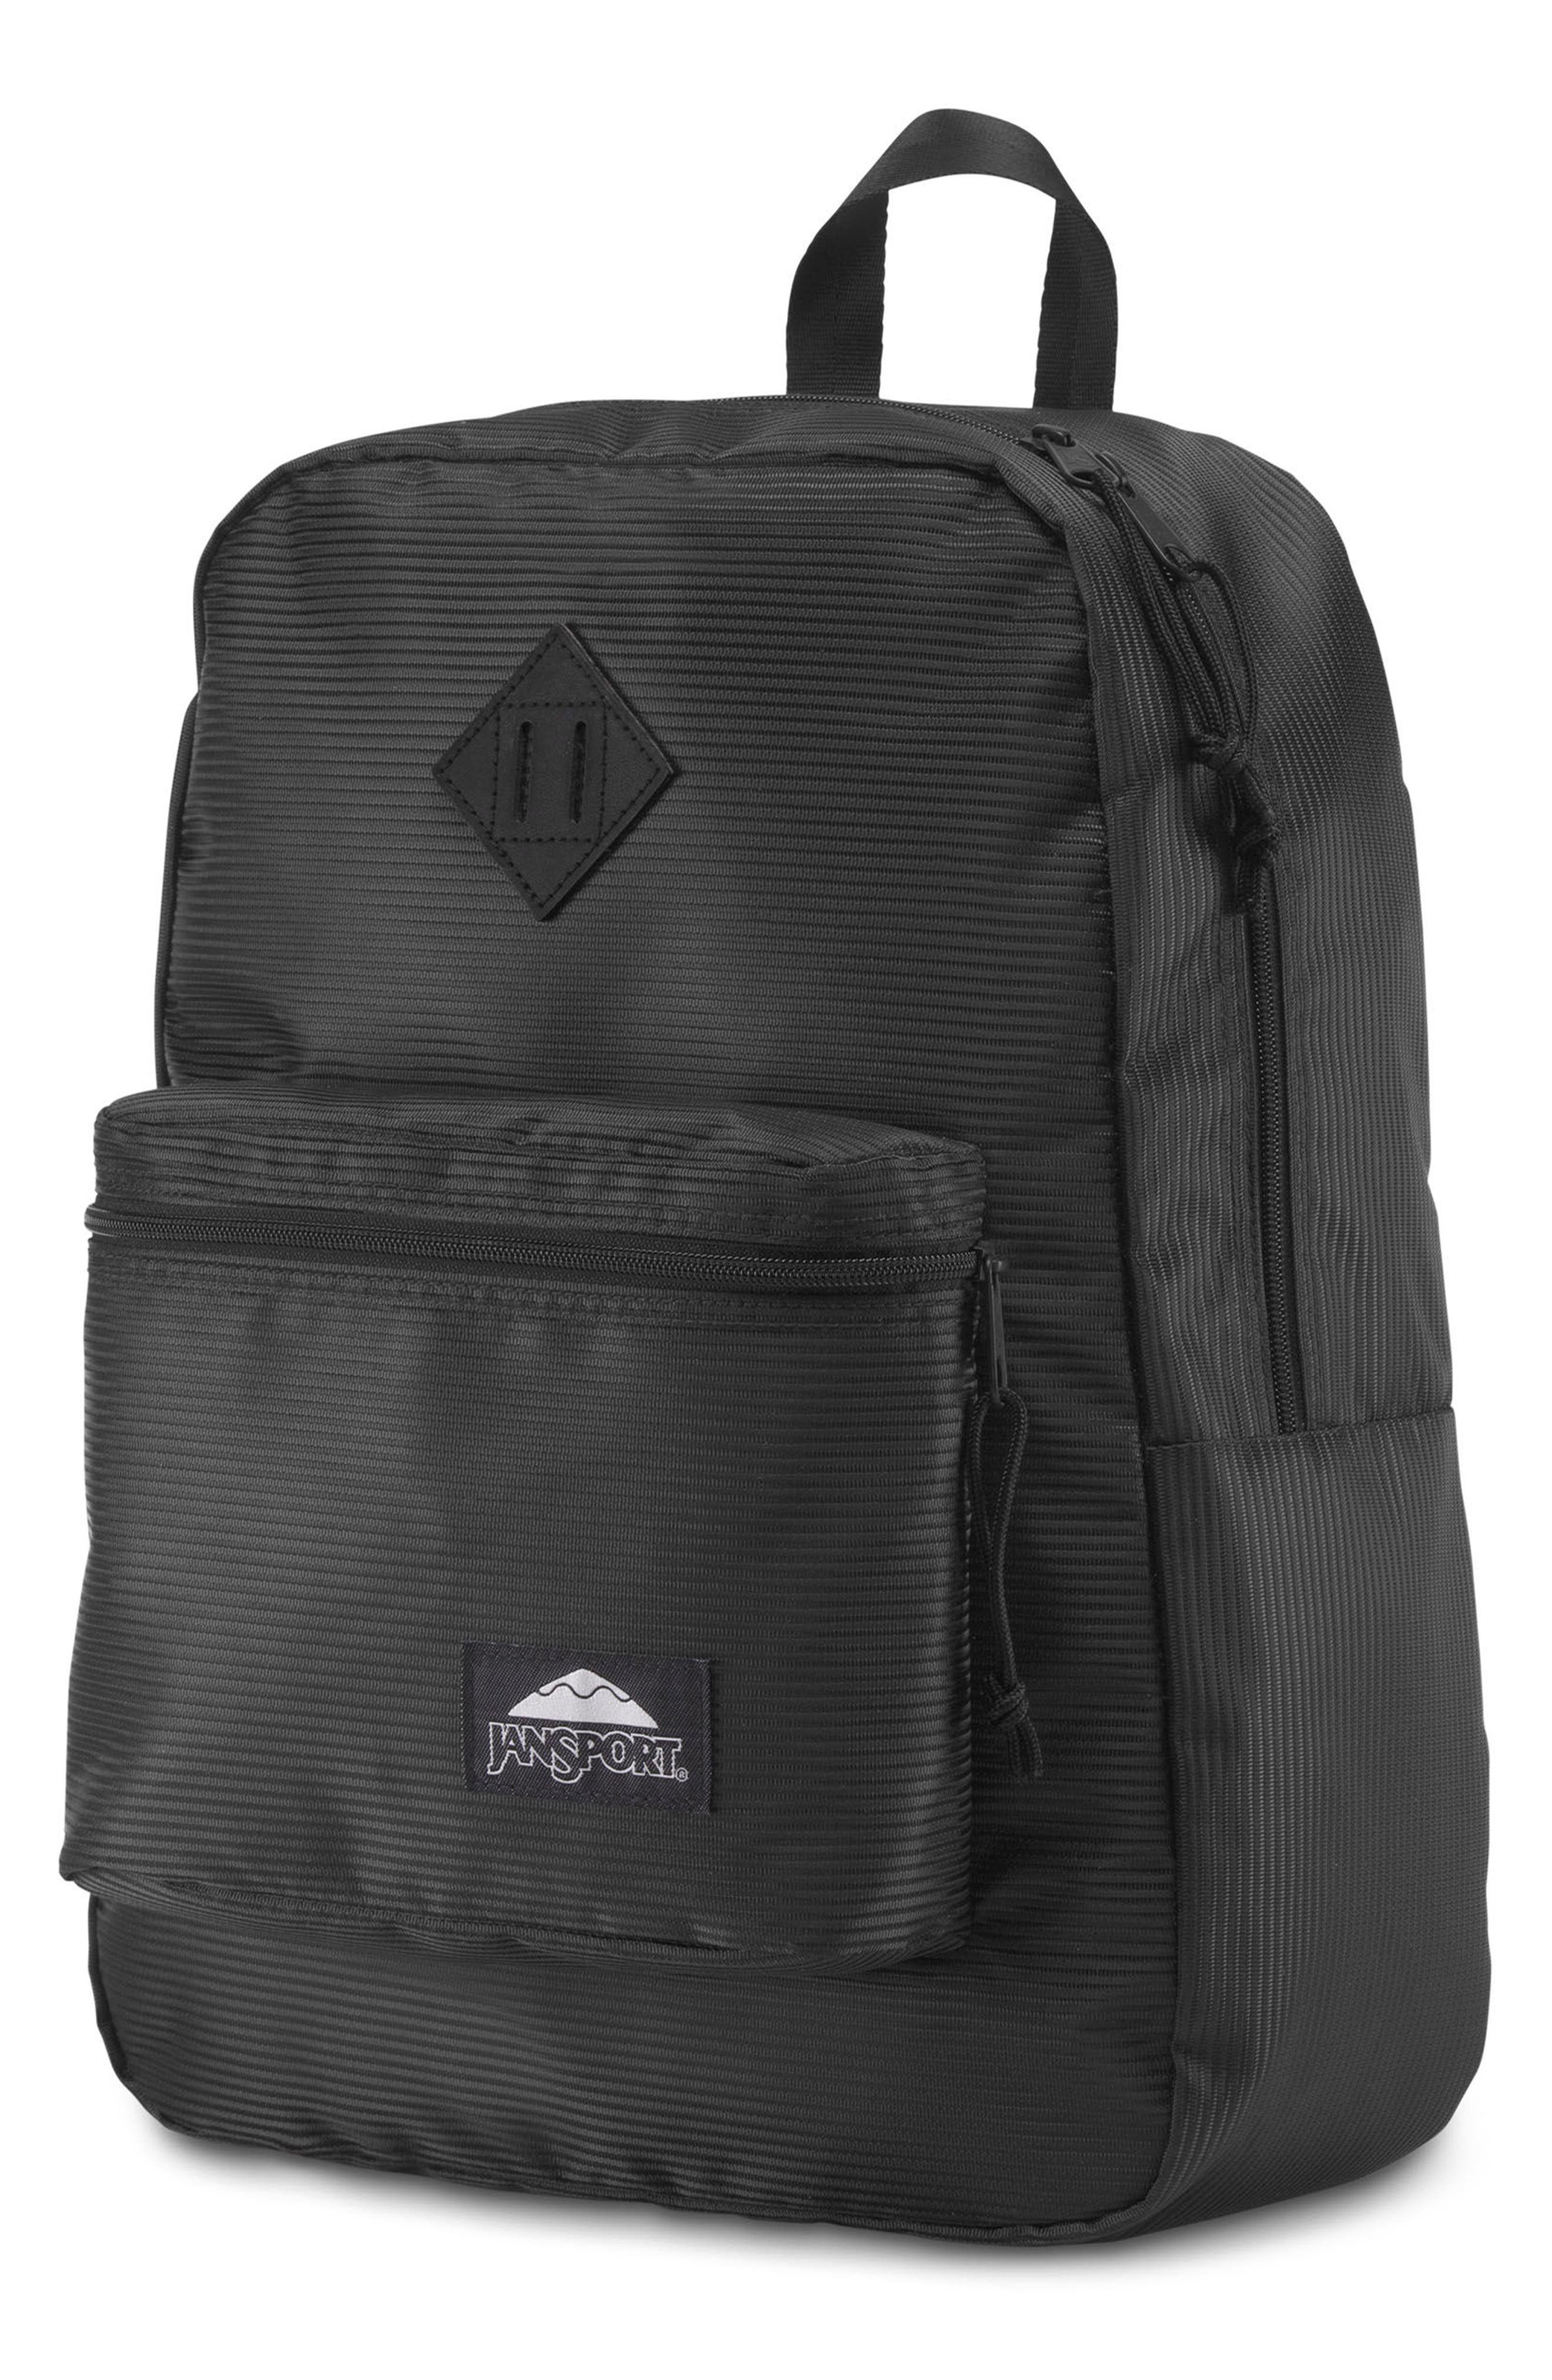 Super FX DL Backpack,                             Alternate thumbnail 5, color,                             Black Line